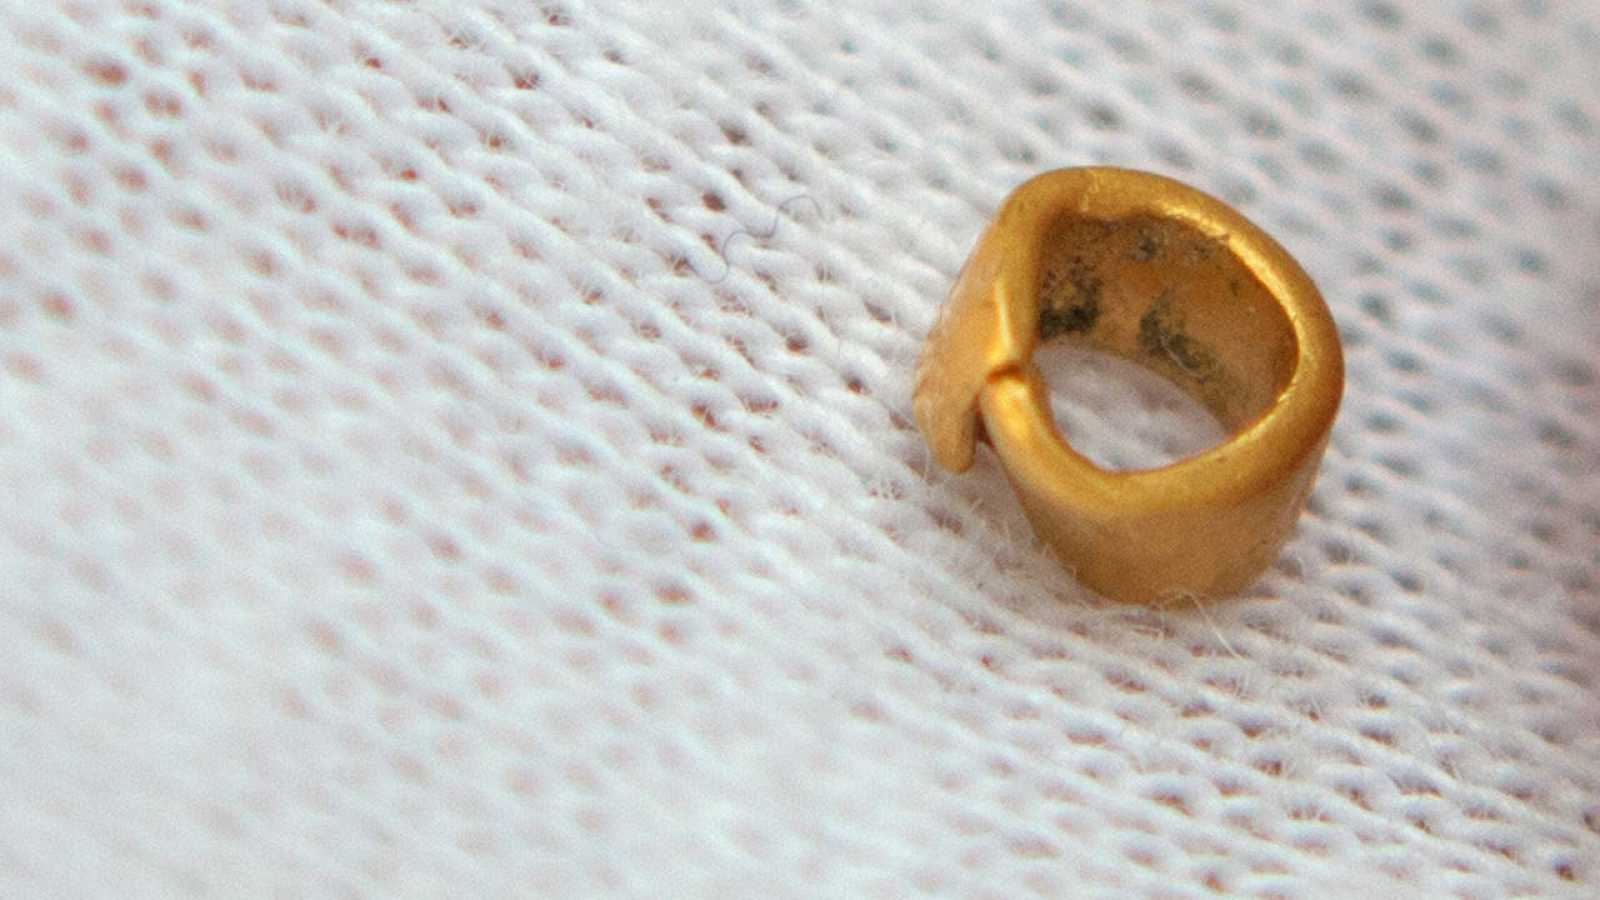 El objeto de oro hallado parece un abalorio.